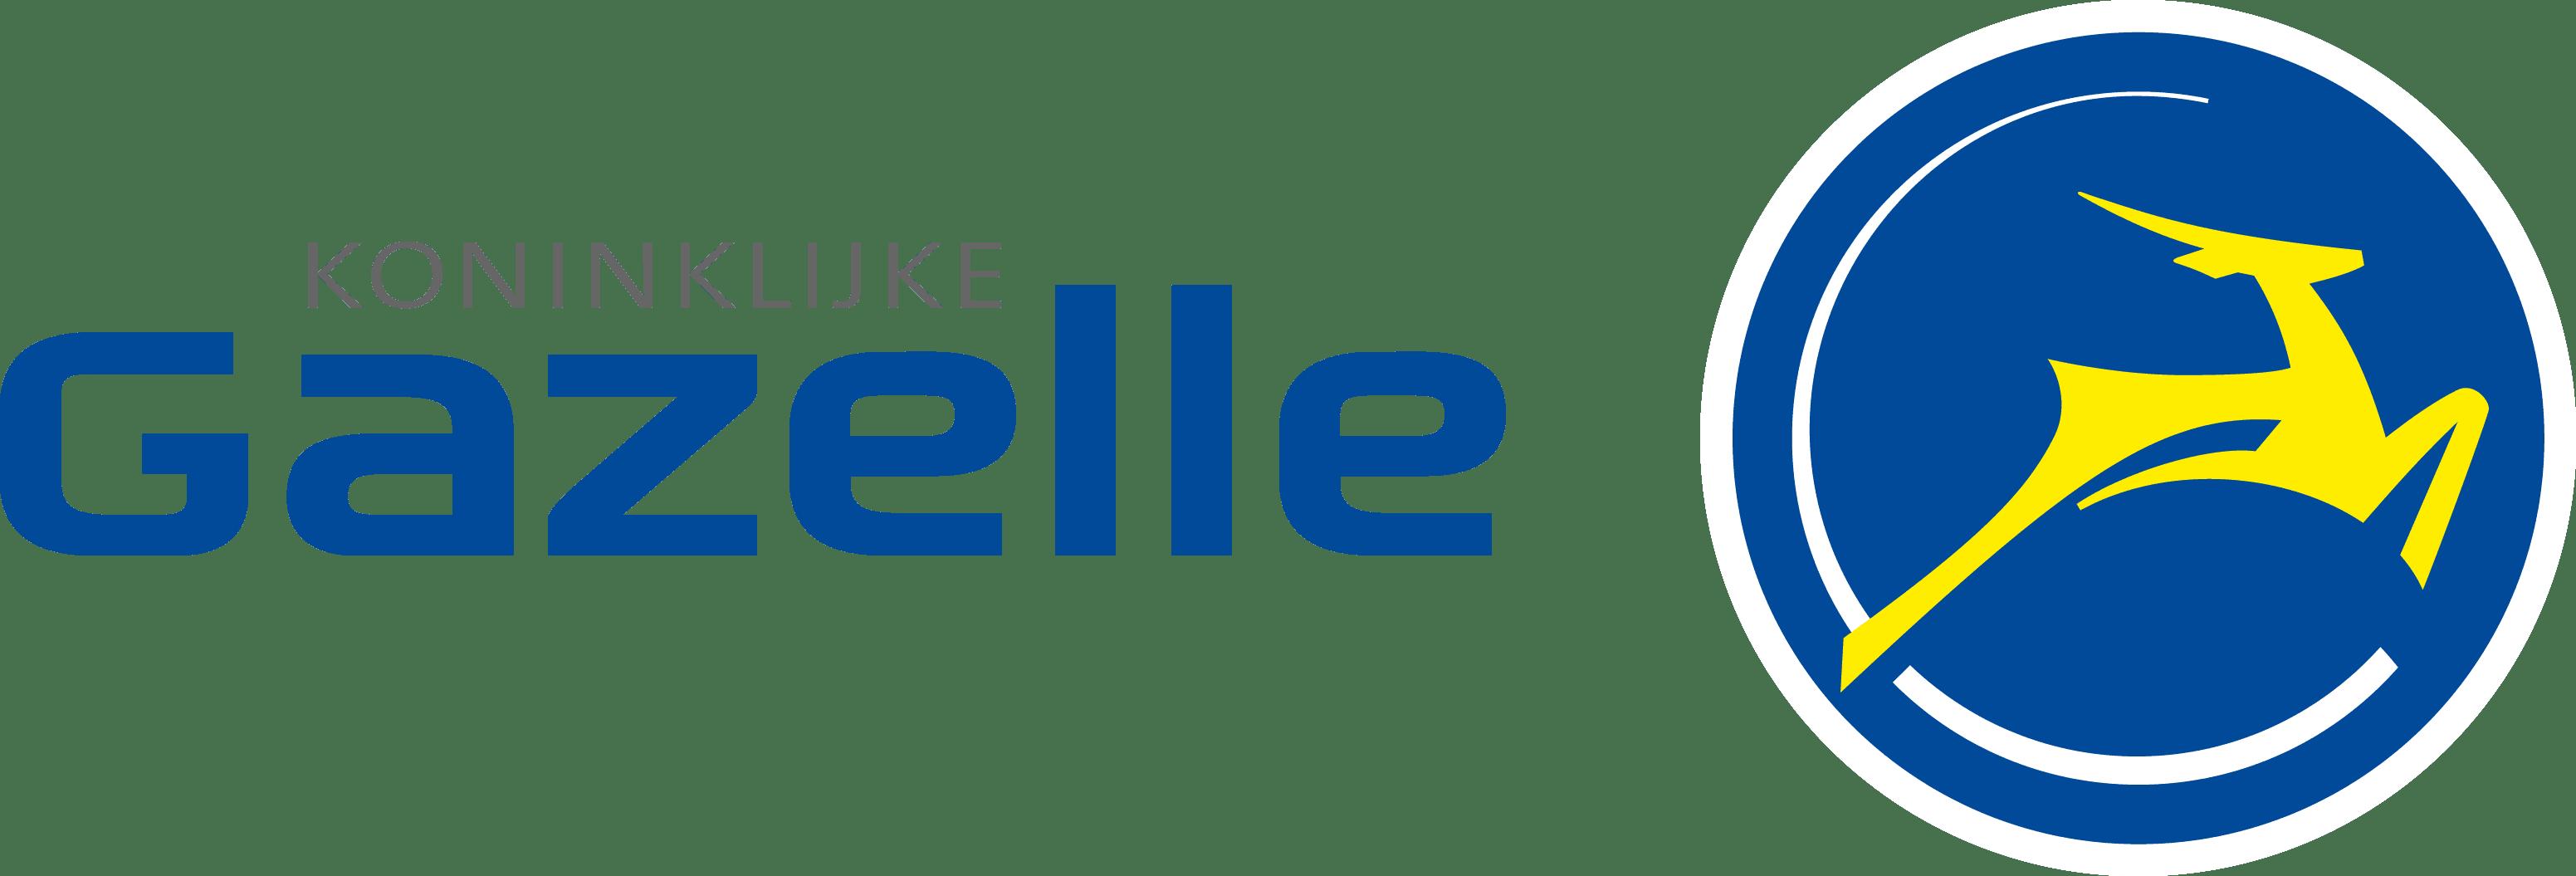 Gazelle2 - Merken